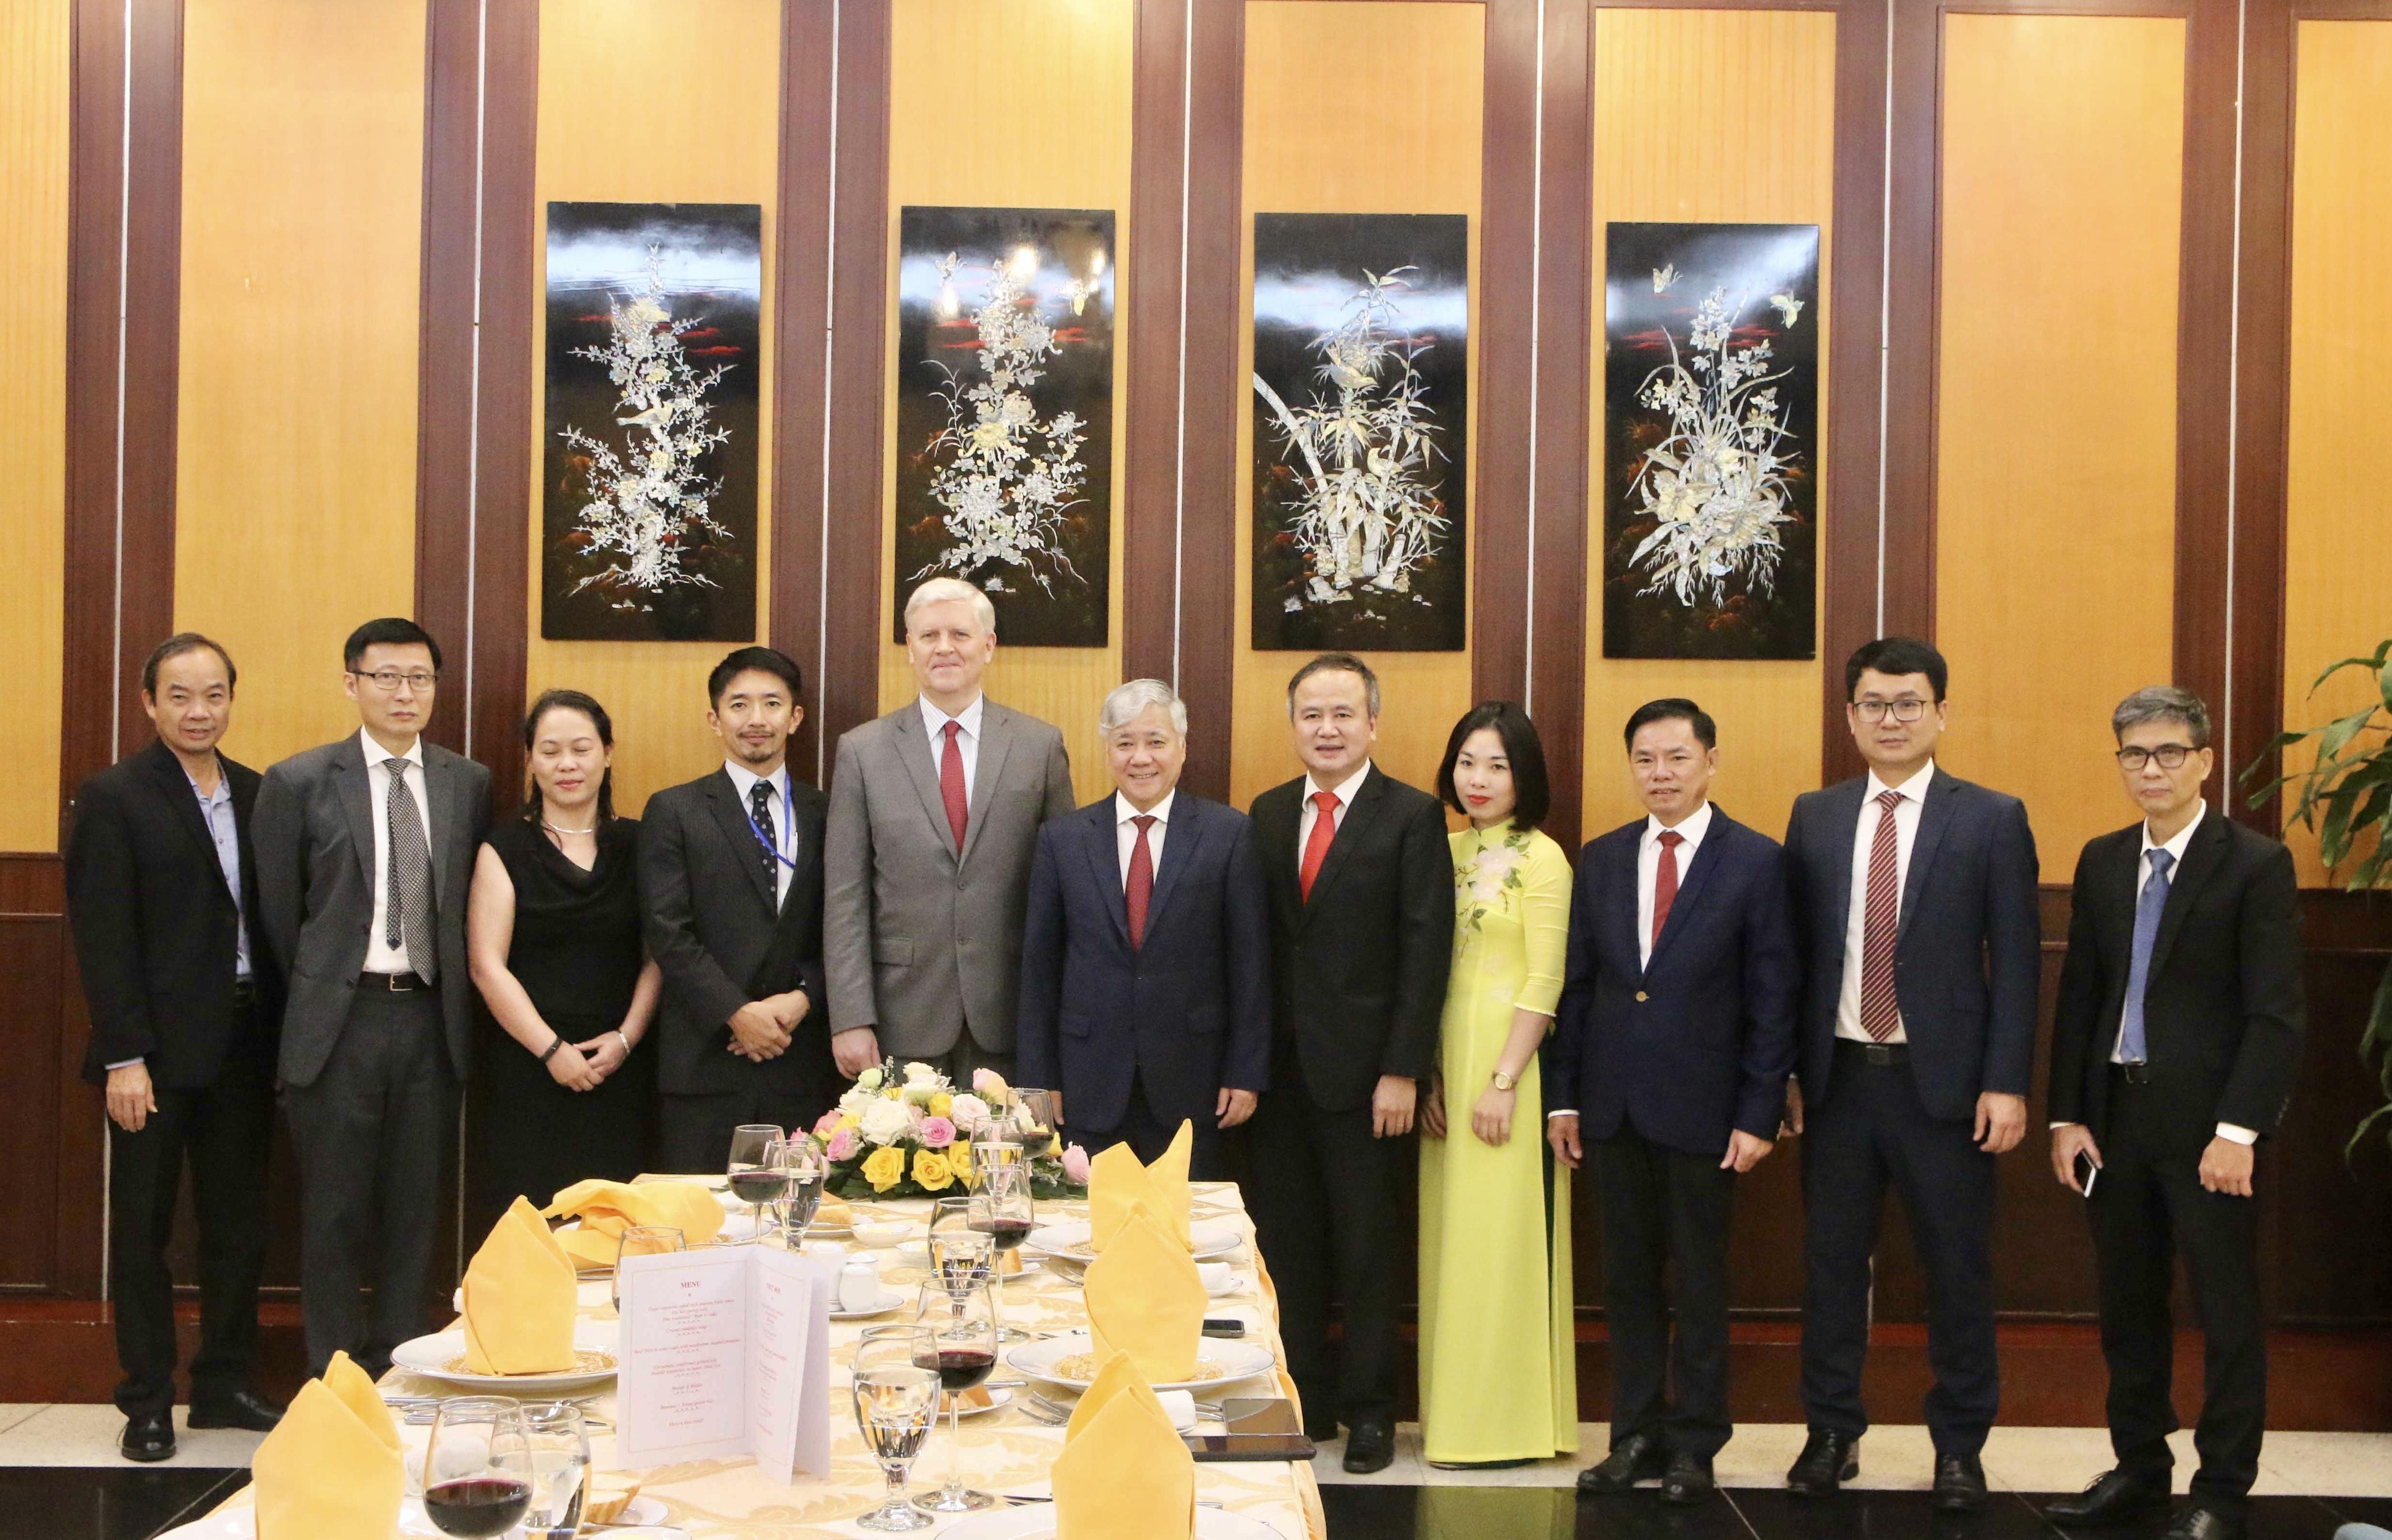 Bộ trưởng, Chủ nhiệm UBDT Đỗ Văn Chiến và ông Eric Sidgwick, Giám đốc ADB tại Việt Nam chụp ảnh lưu niệm với các thành viên trong Đoàn ADB và UBDT.